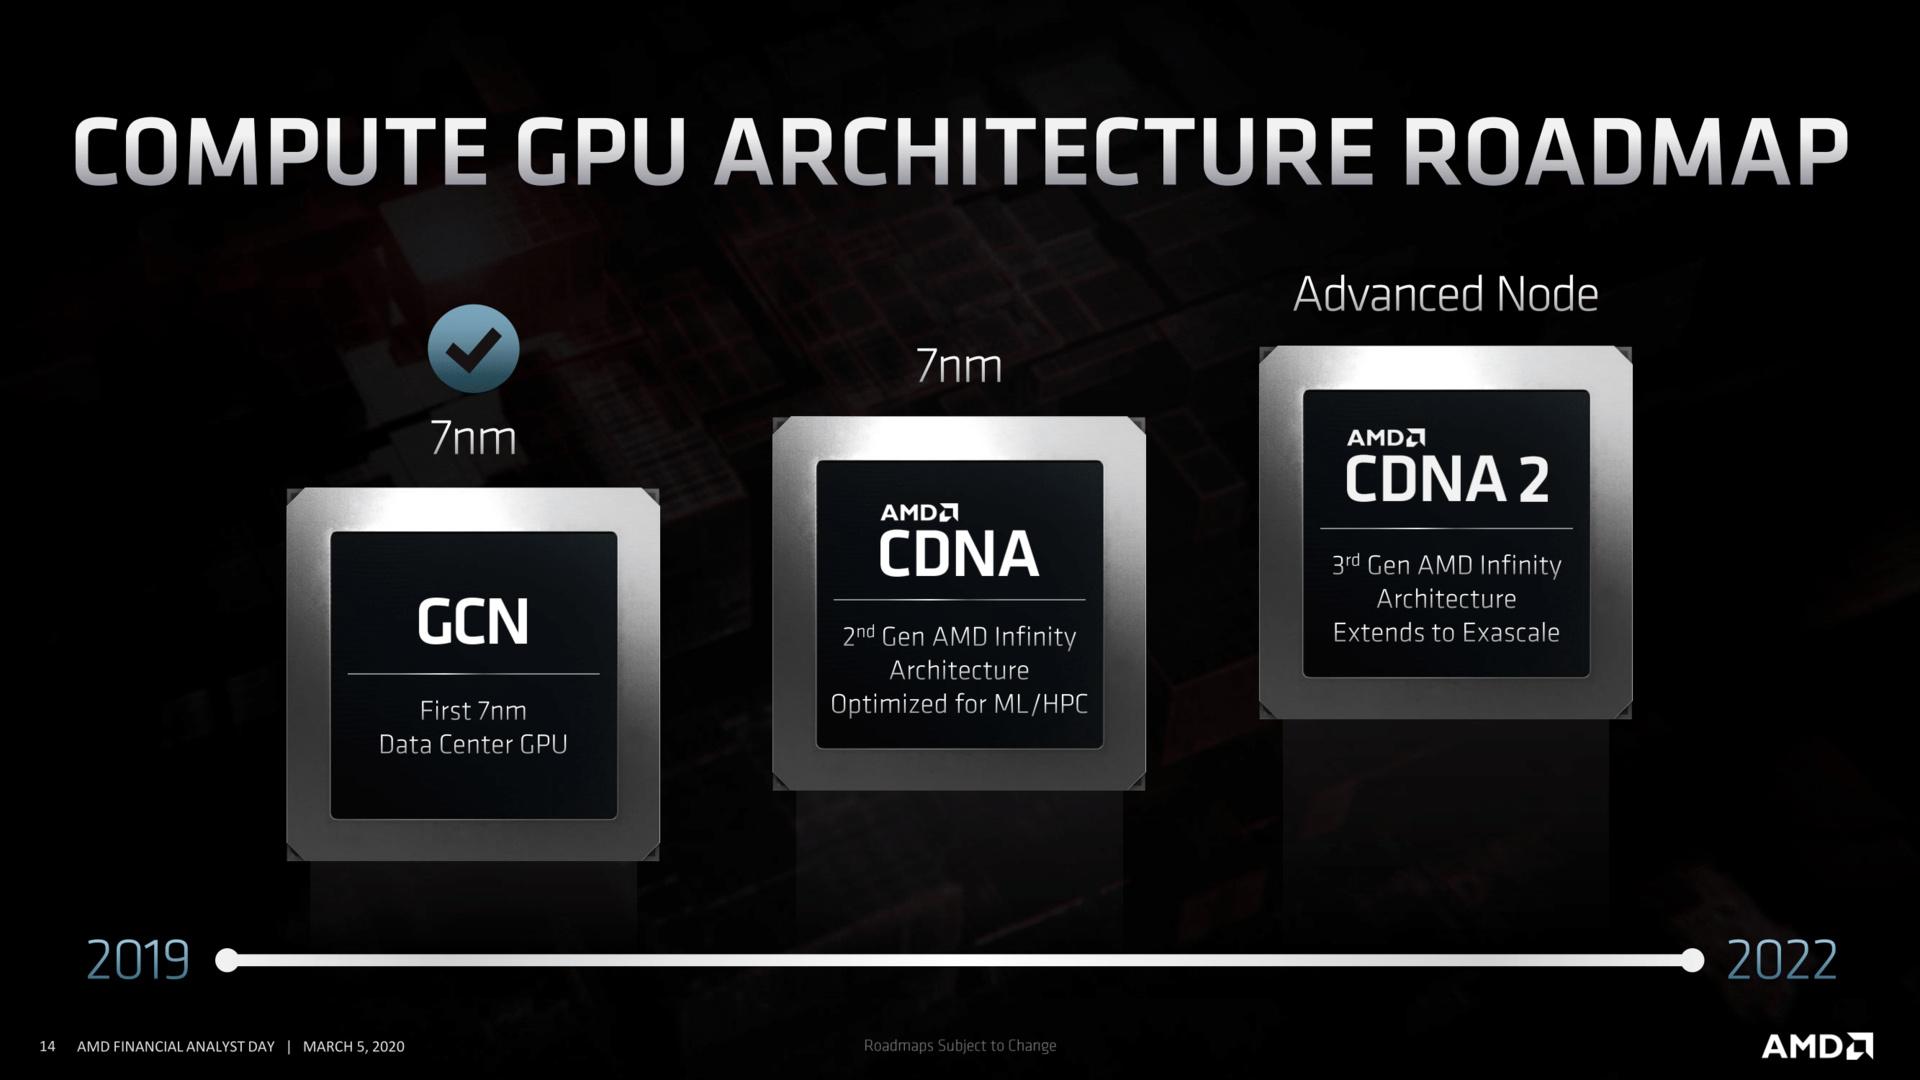 Compute GPU Architecture Roadmap